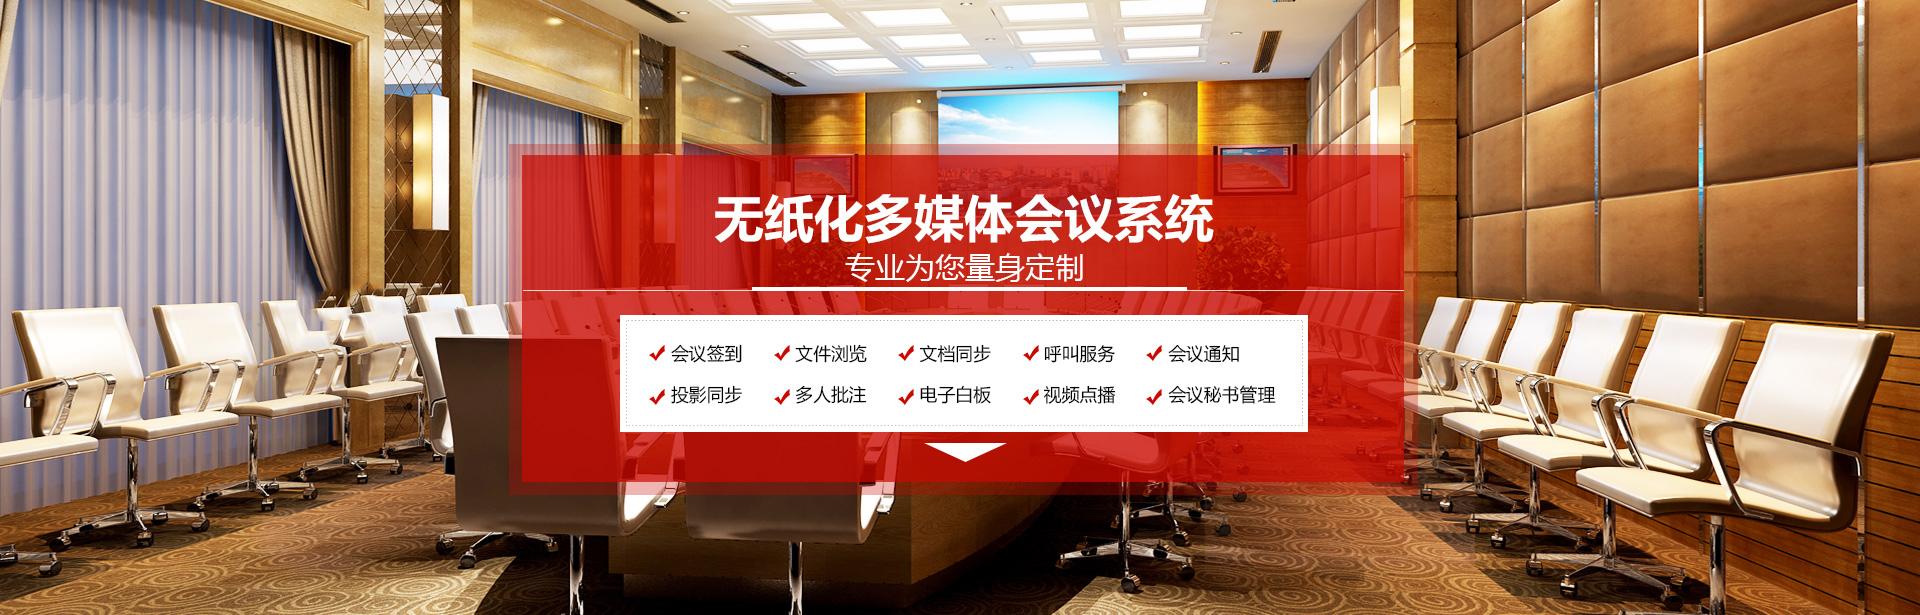 新闻中心banner